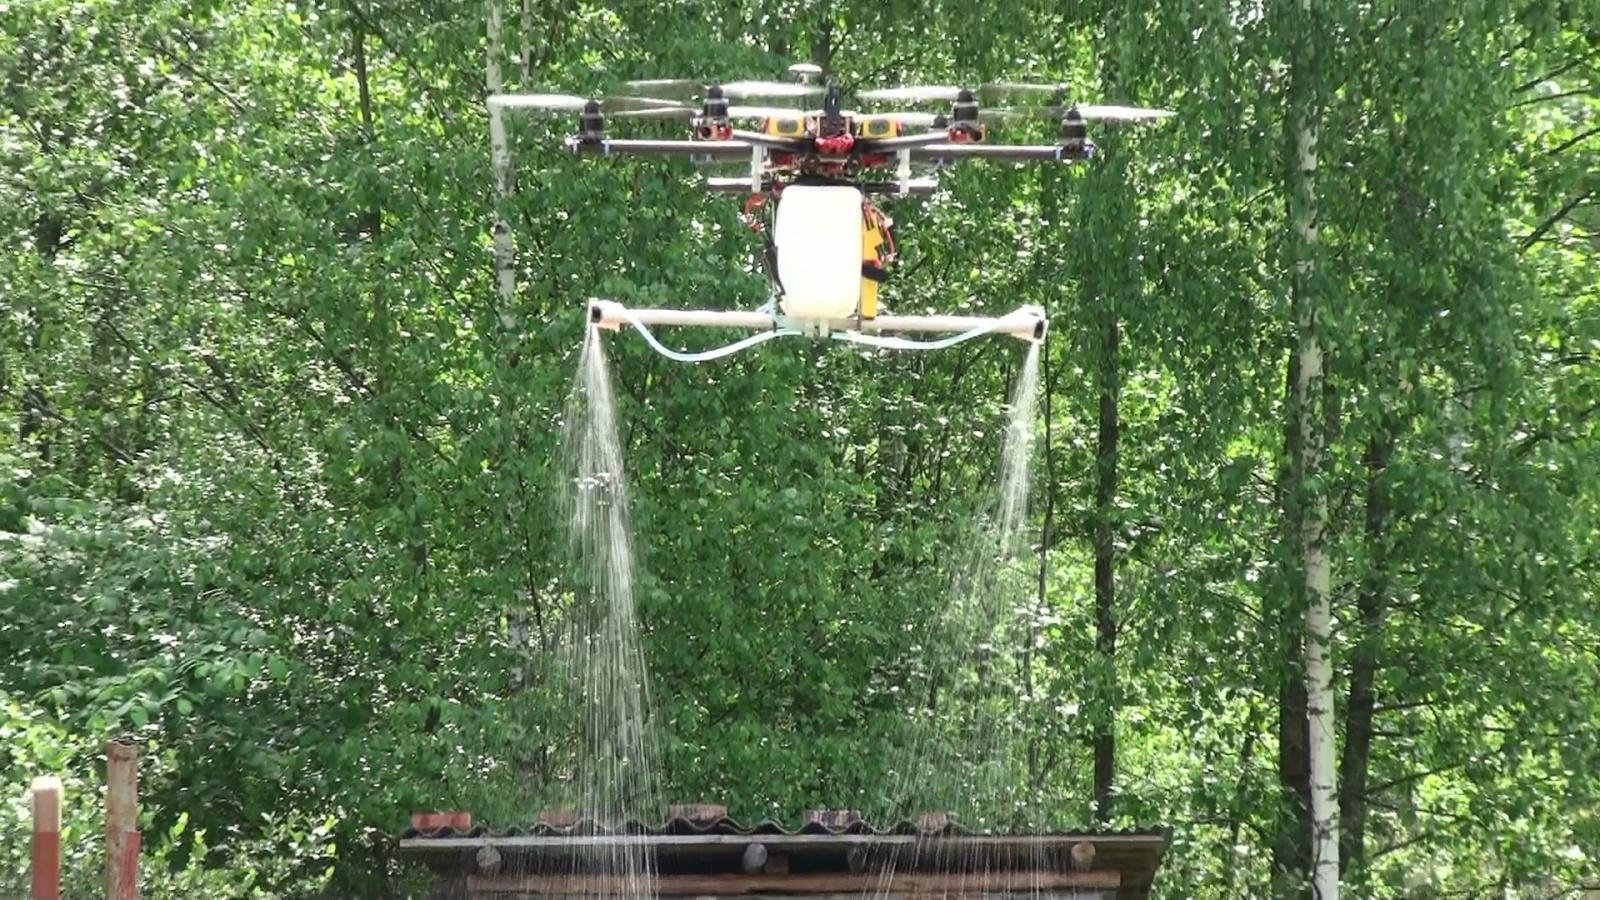 «Дрон для сельского хозяйства» или как защитить растения без особых усилий - 2